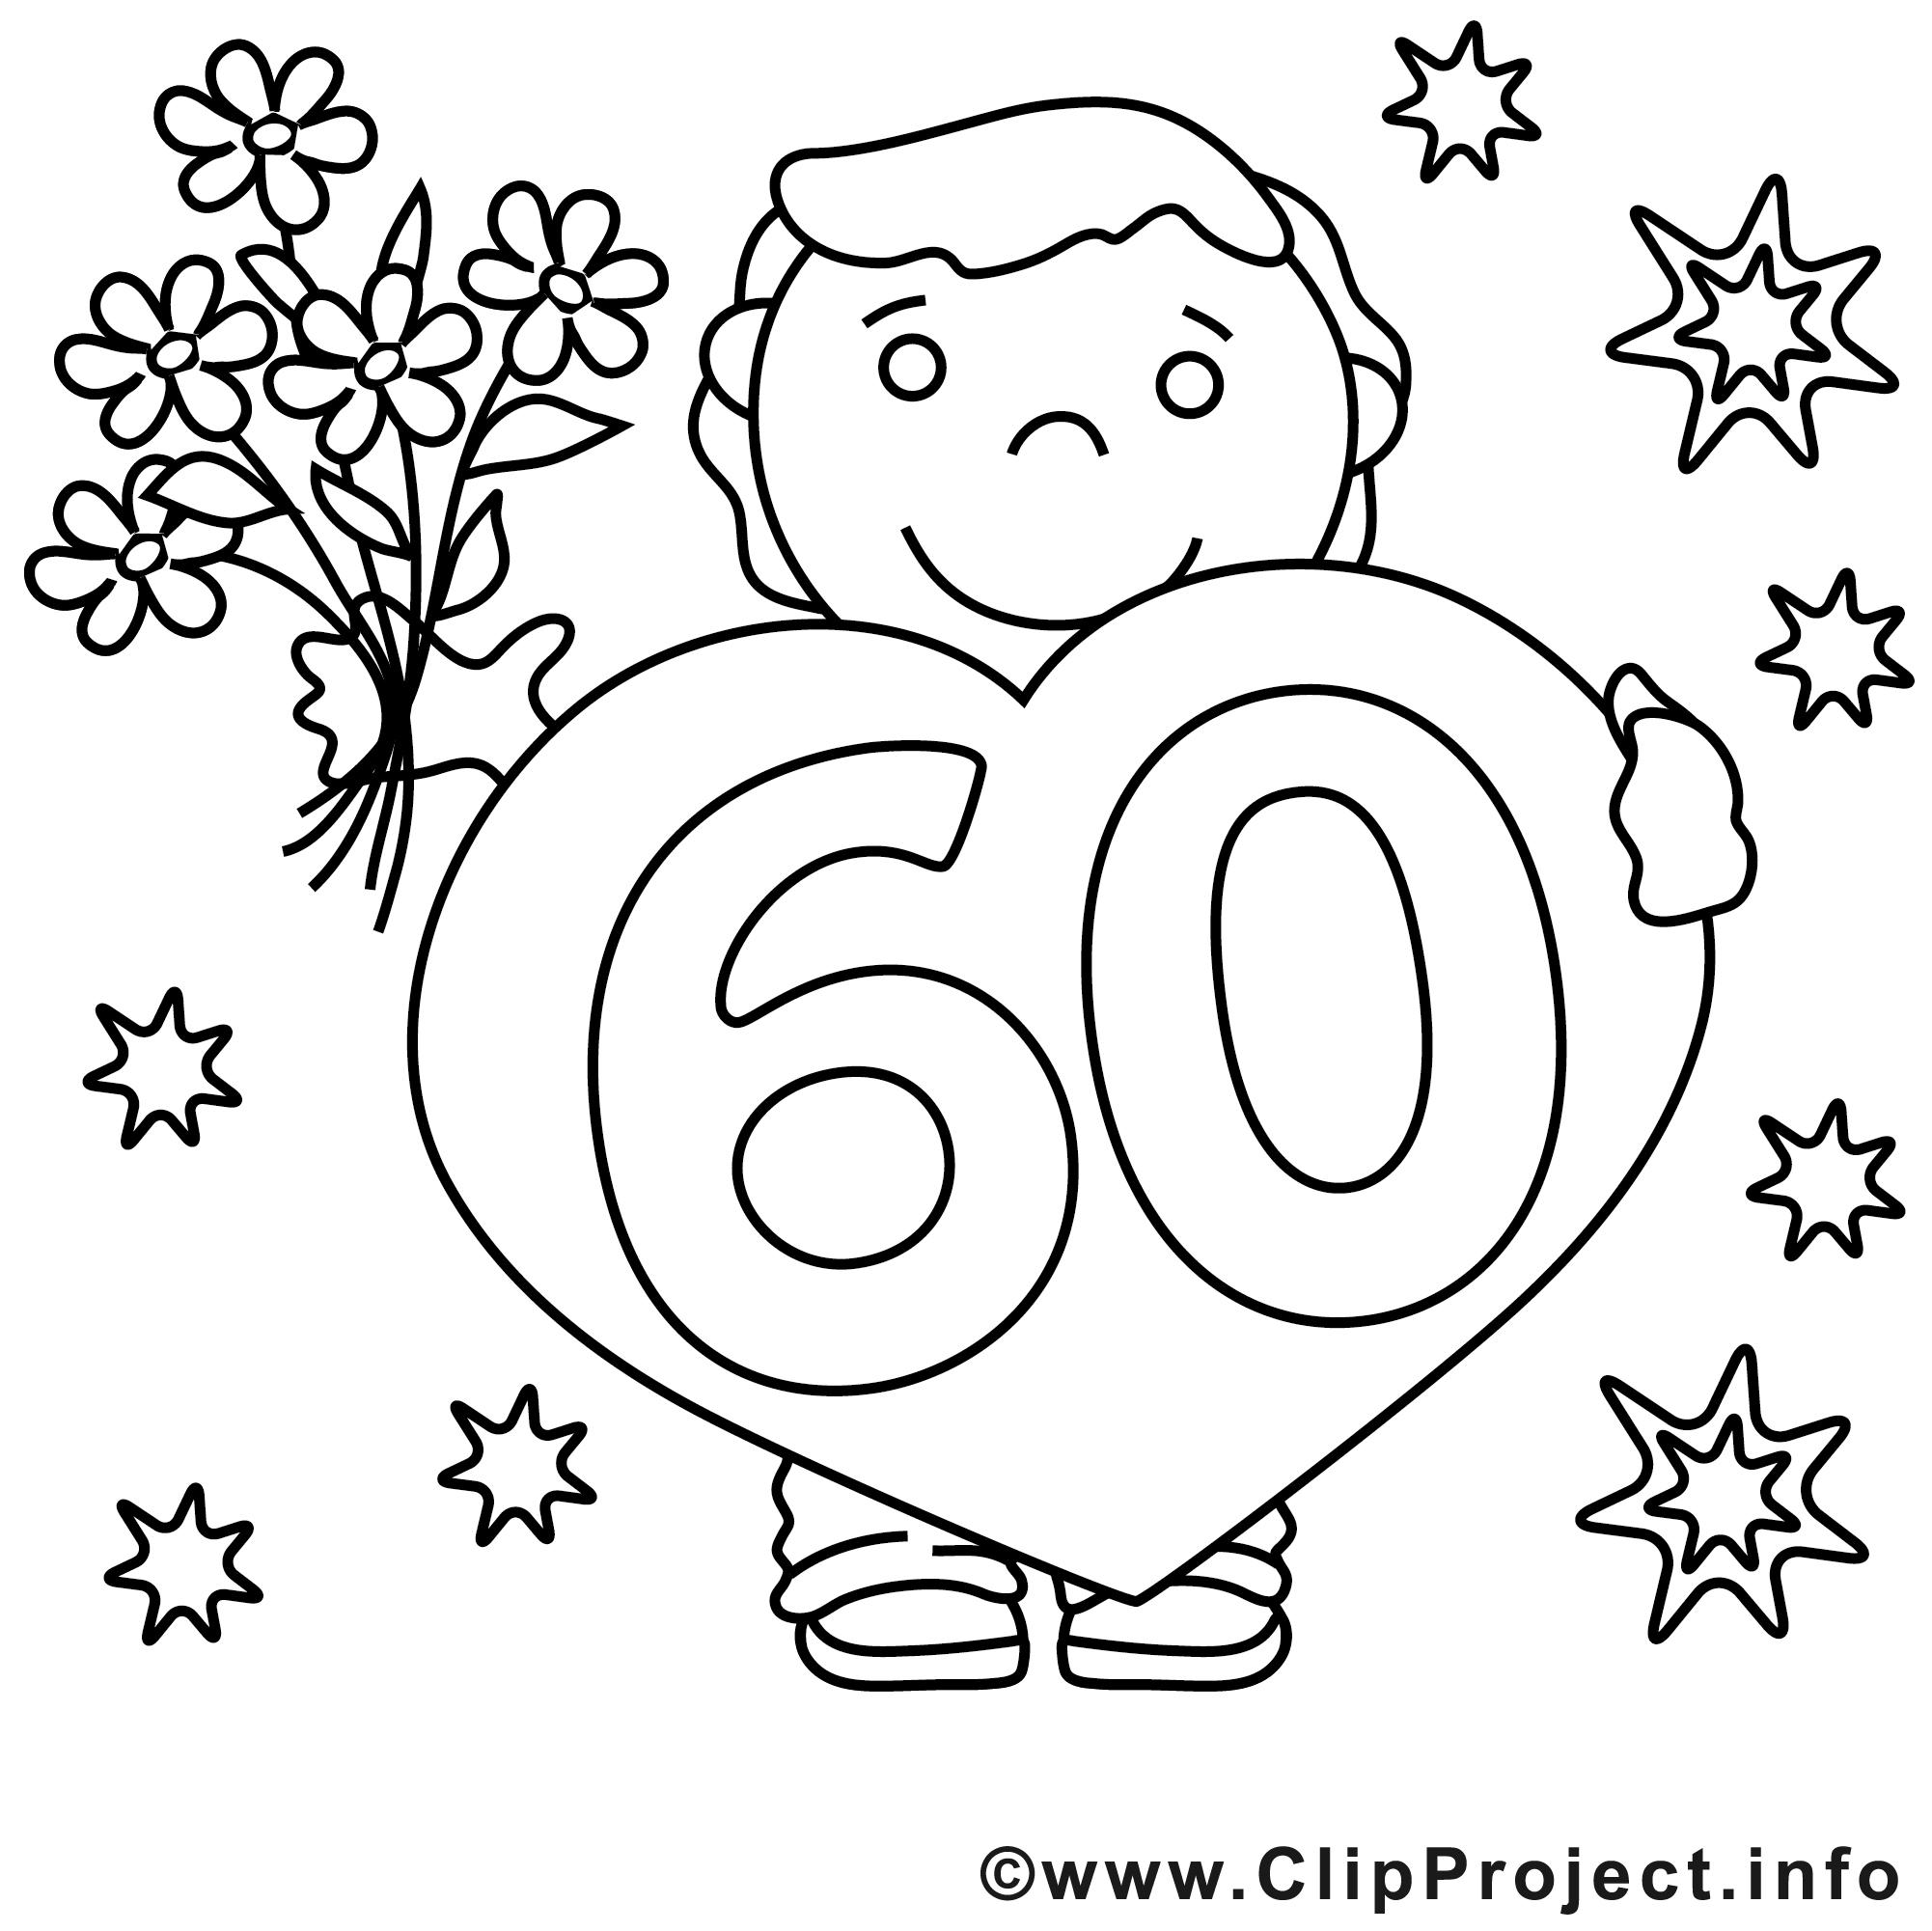 60 ans clip art gratuit anniversaire imprimer anniversaire coloriages gratuit dessin - Clipart anniversaire 60 ans ...